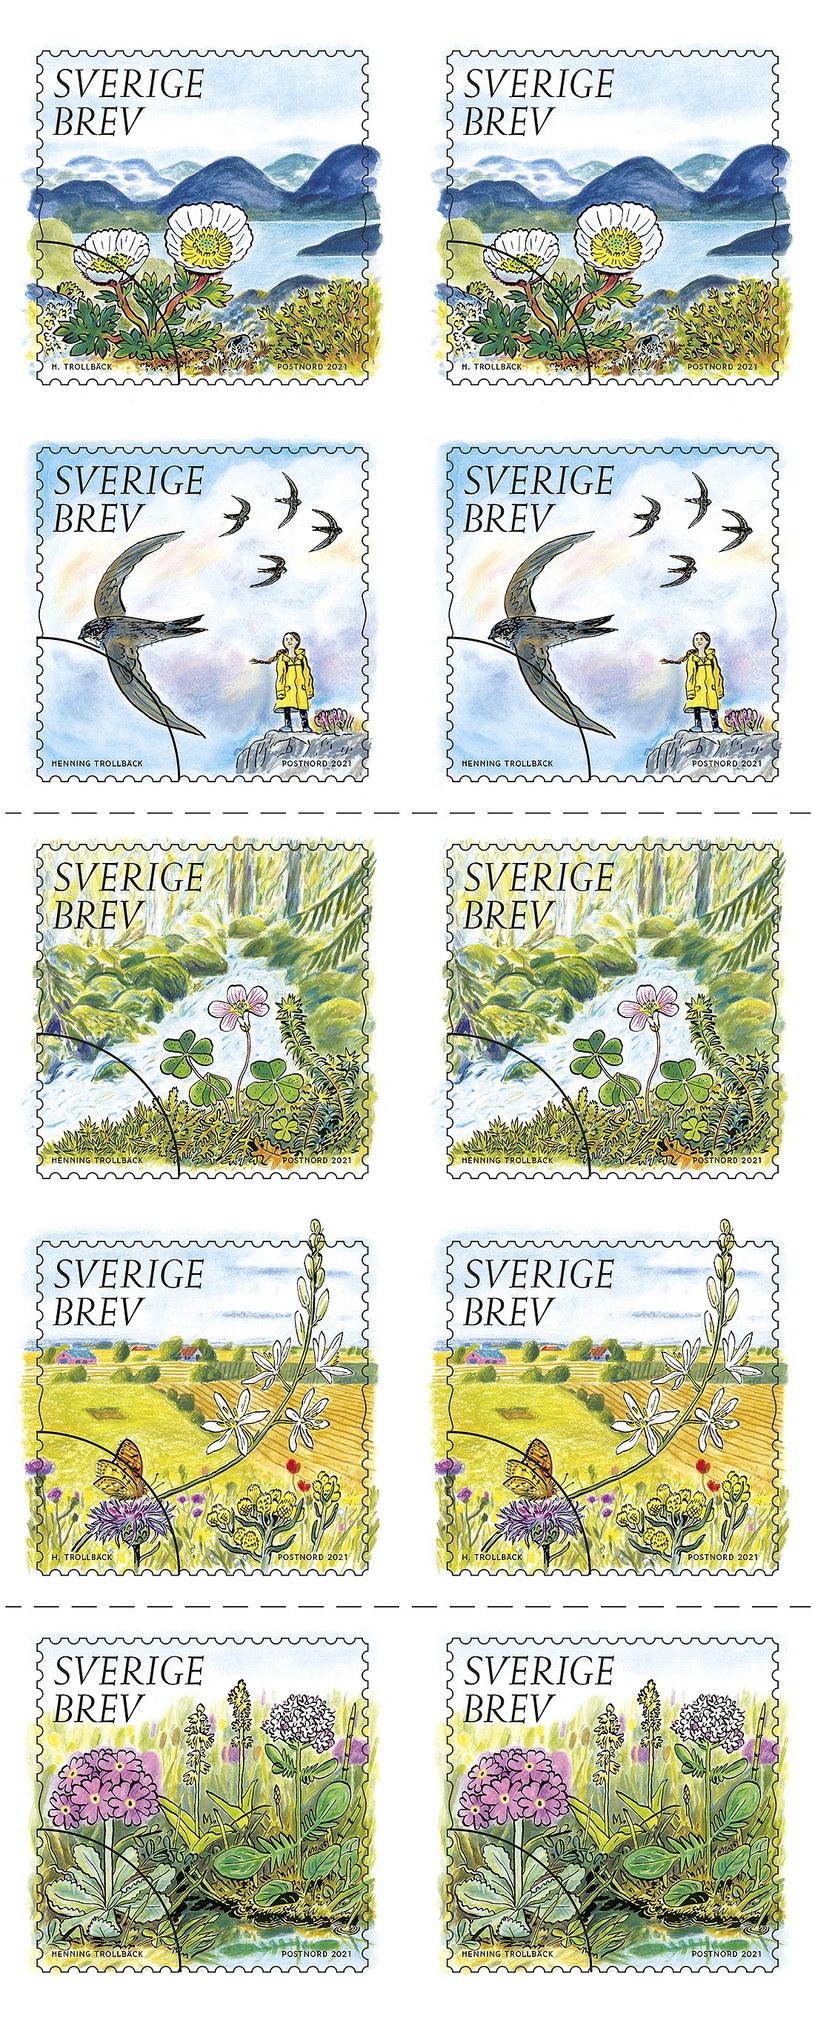 Greta Thunberg na szwedzkim znaczku pocztowym /PAP/EPA